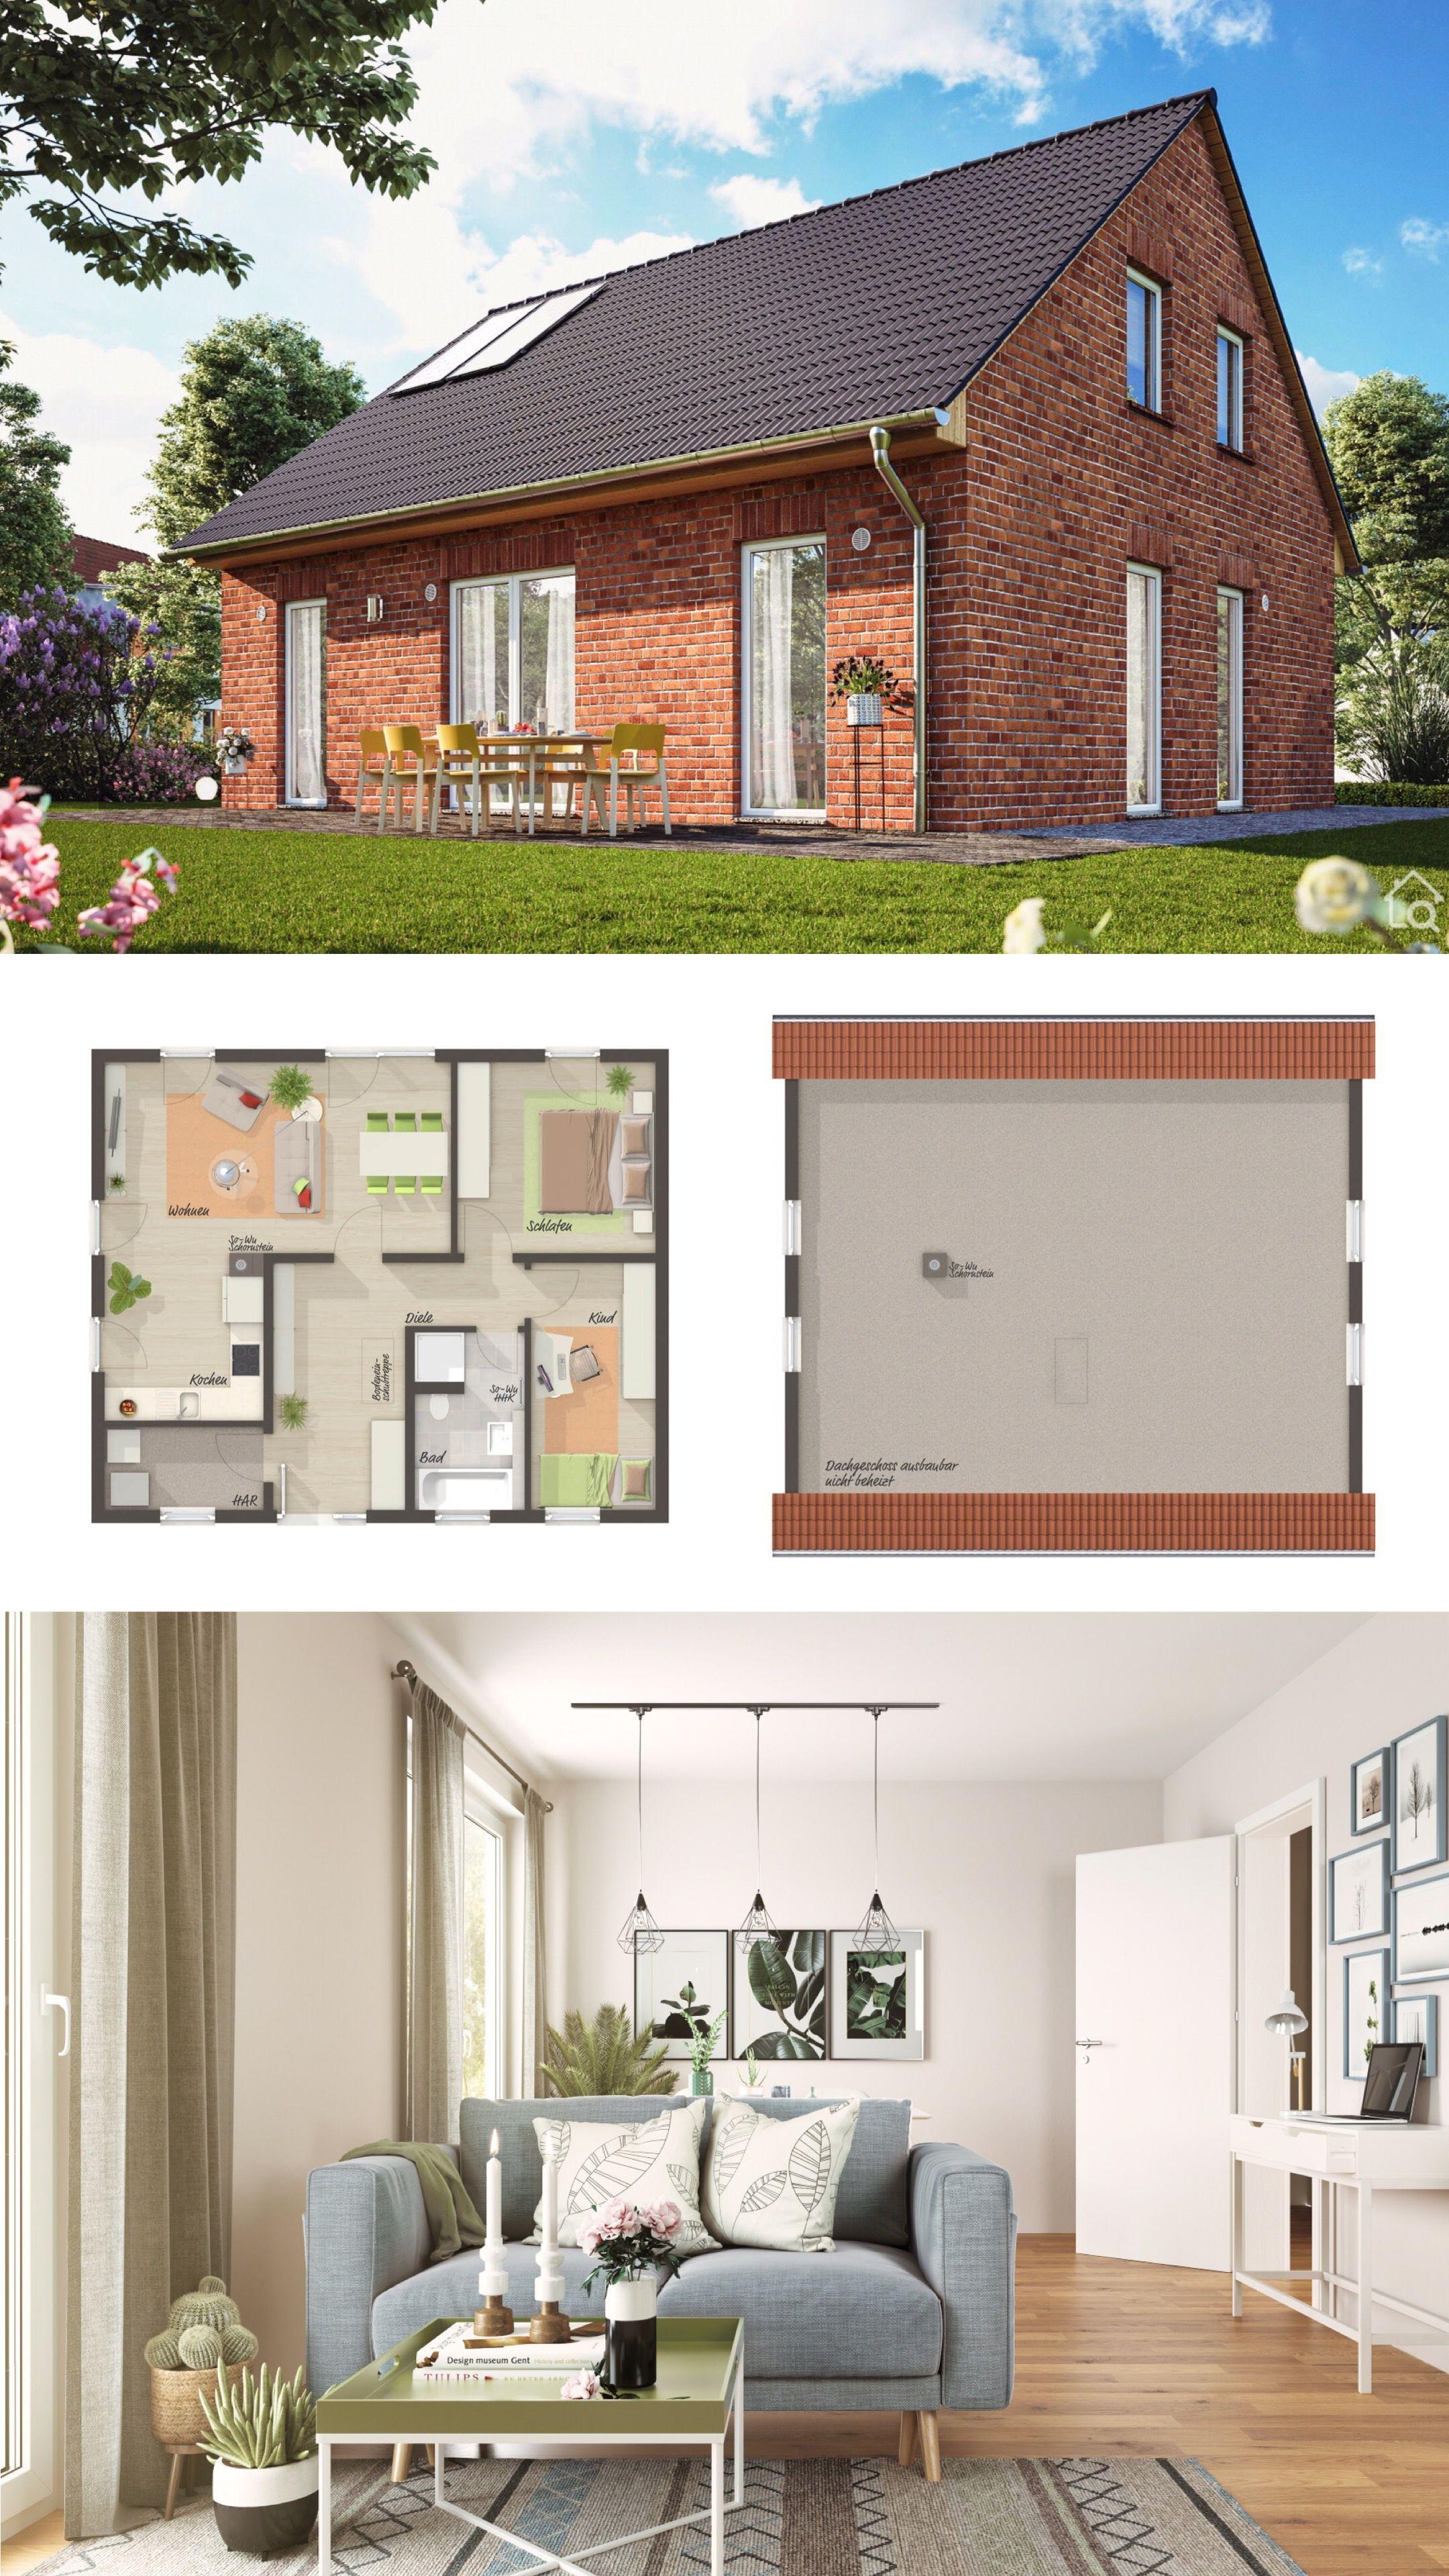 Modernes Haus Mit Satteldach Klinker Fassade 3 Zimmer Grundriss